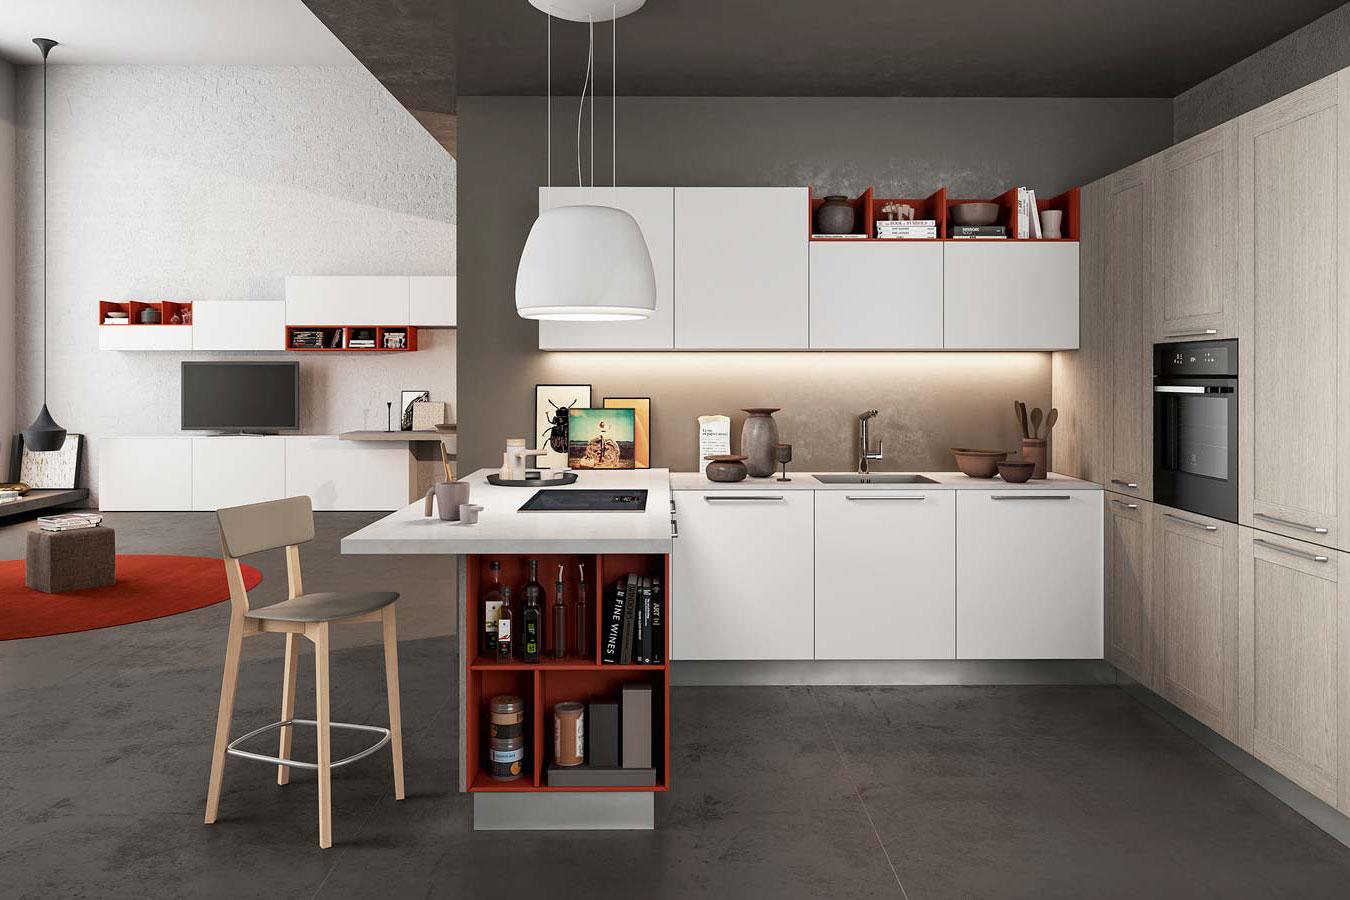 Cucina cloe di arredo3 righetti mobili novara for Oggettistica cucina online